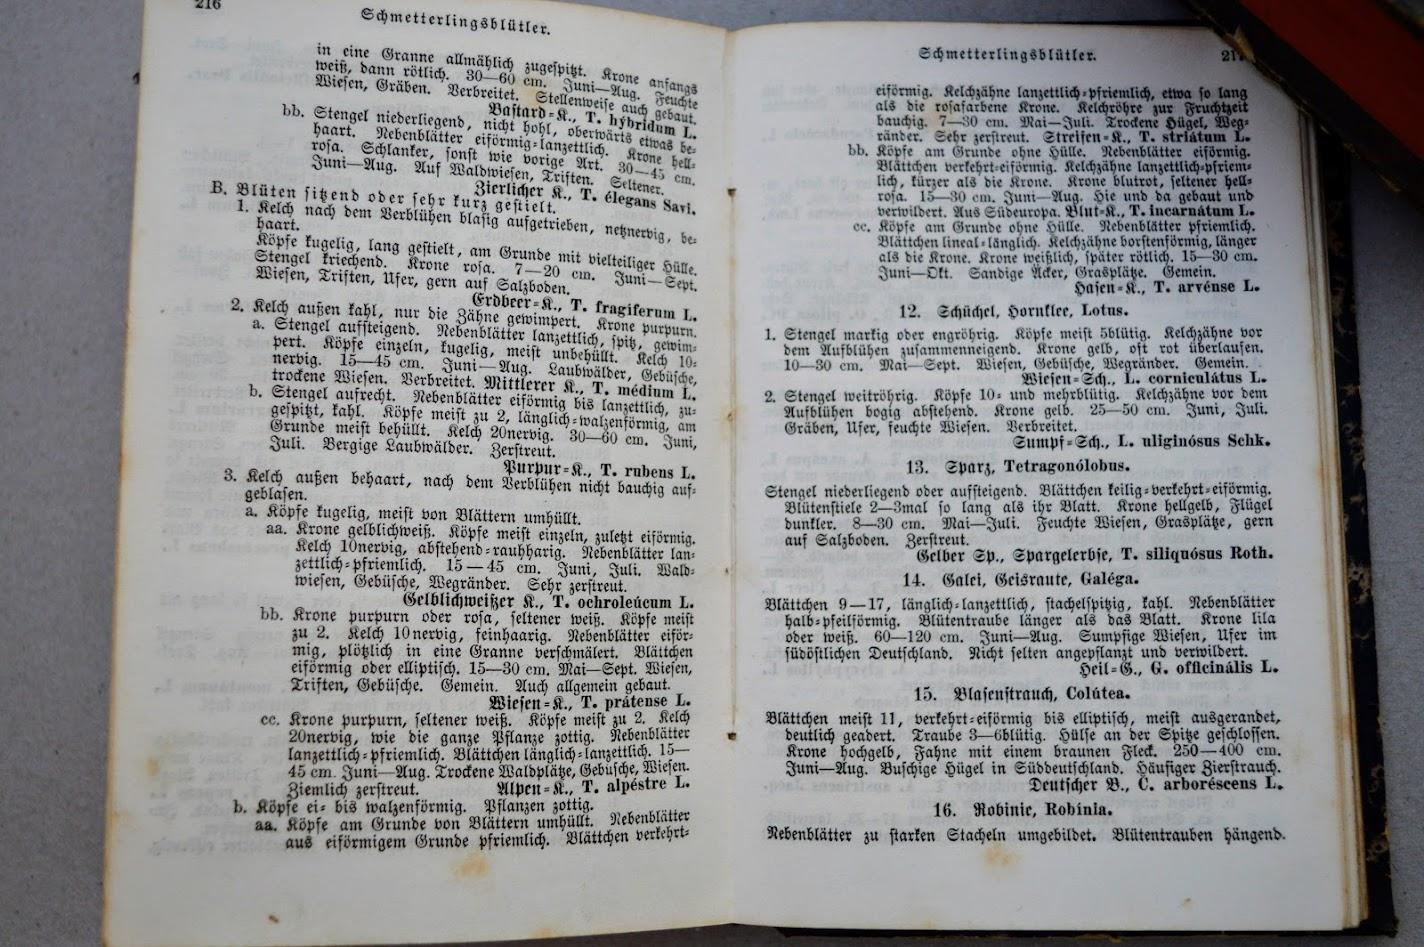 1882 - Schmidlin's Anleitung zum Botanisieren und zur Anlegung von Pflanzensammlungen